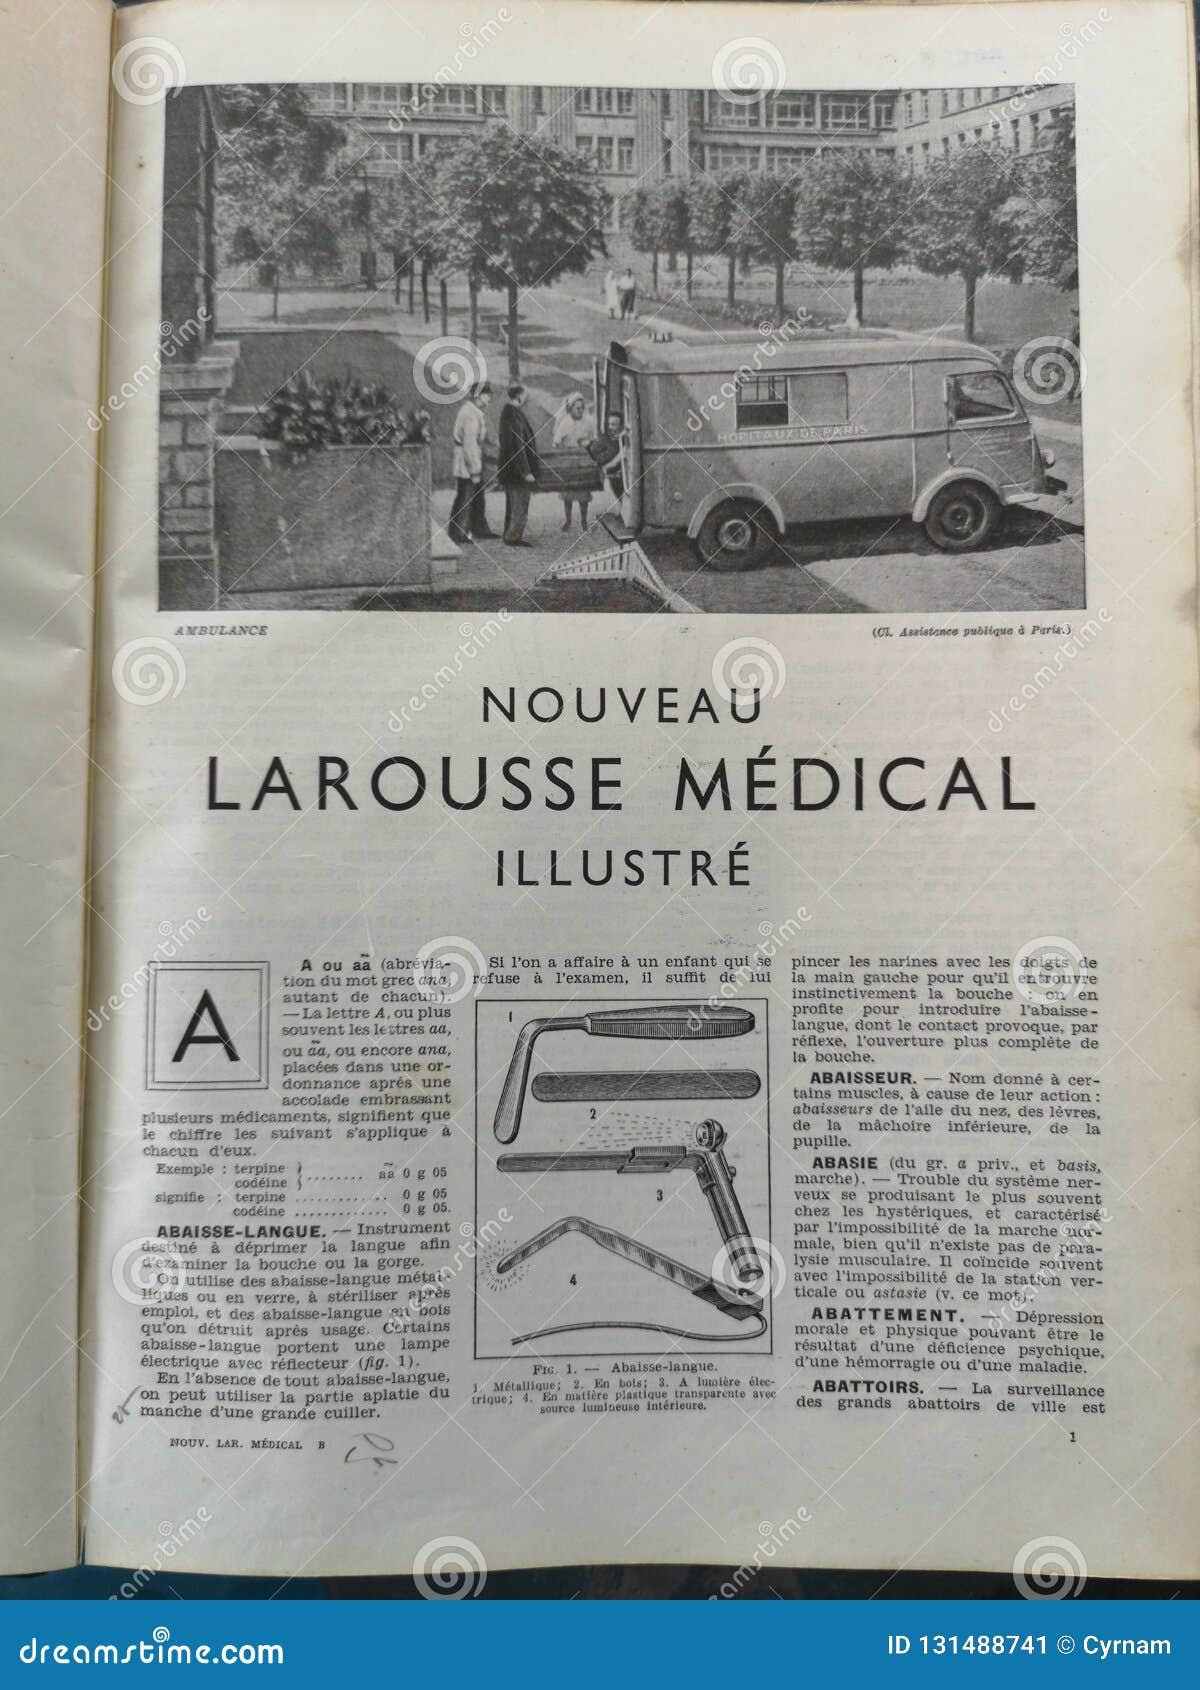 Vieux livre médical français avec des illustrations